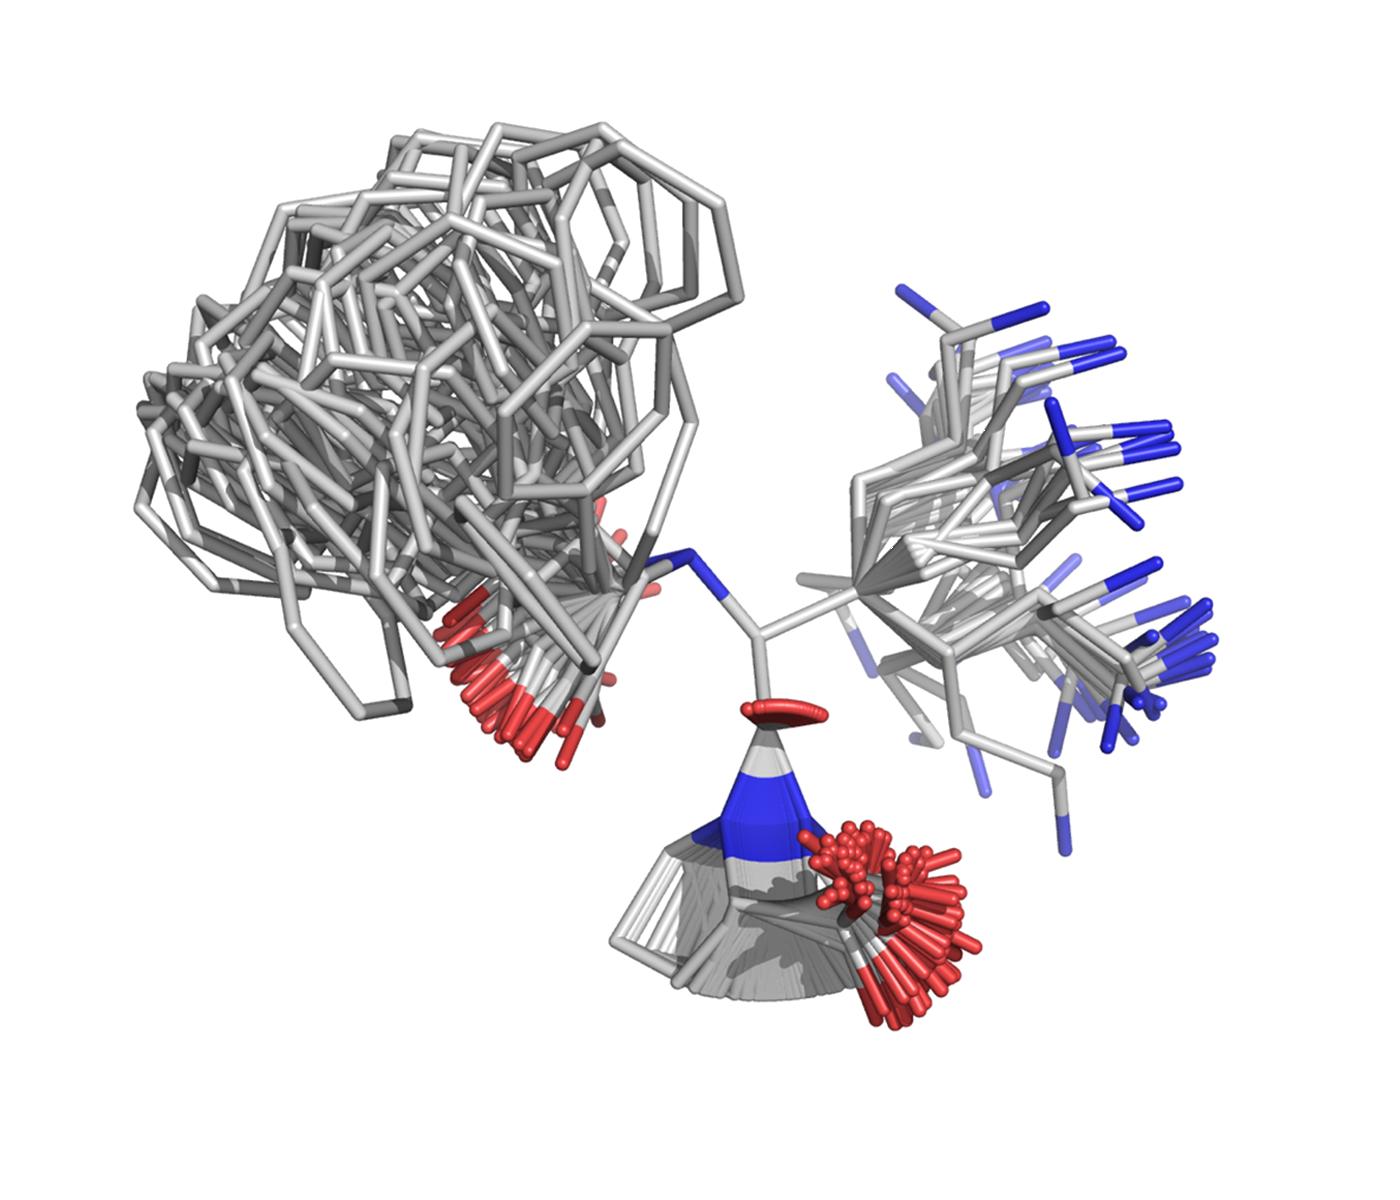 4D structural drug design animation slide 3